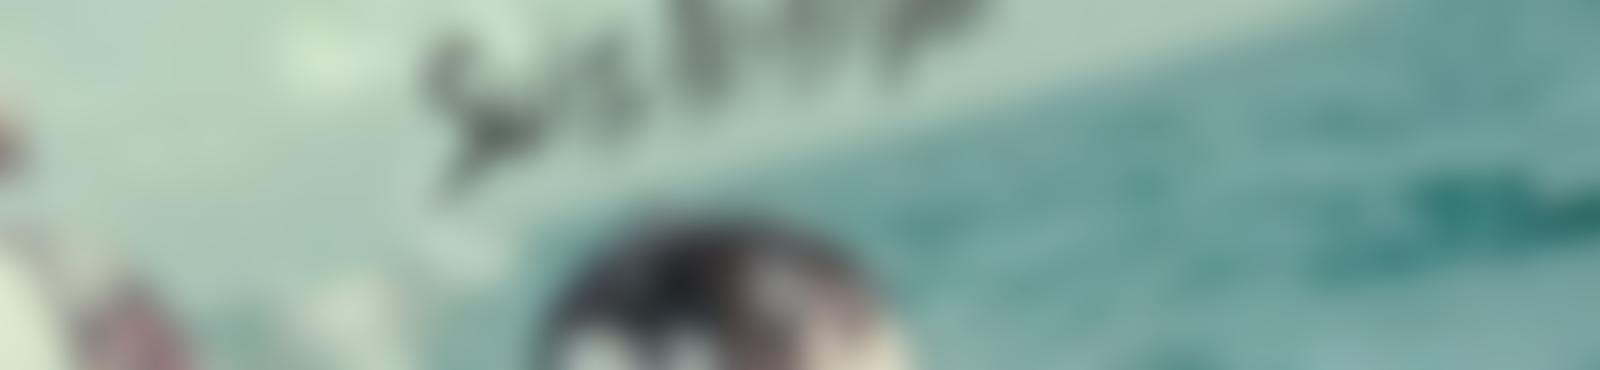 Blurred 14711159 1160244874067195 6981822101109596043 o